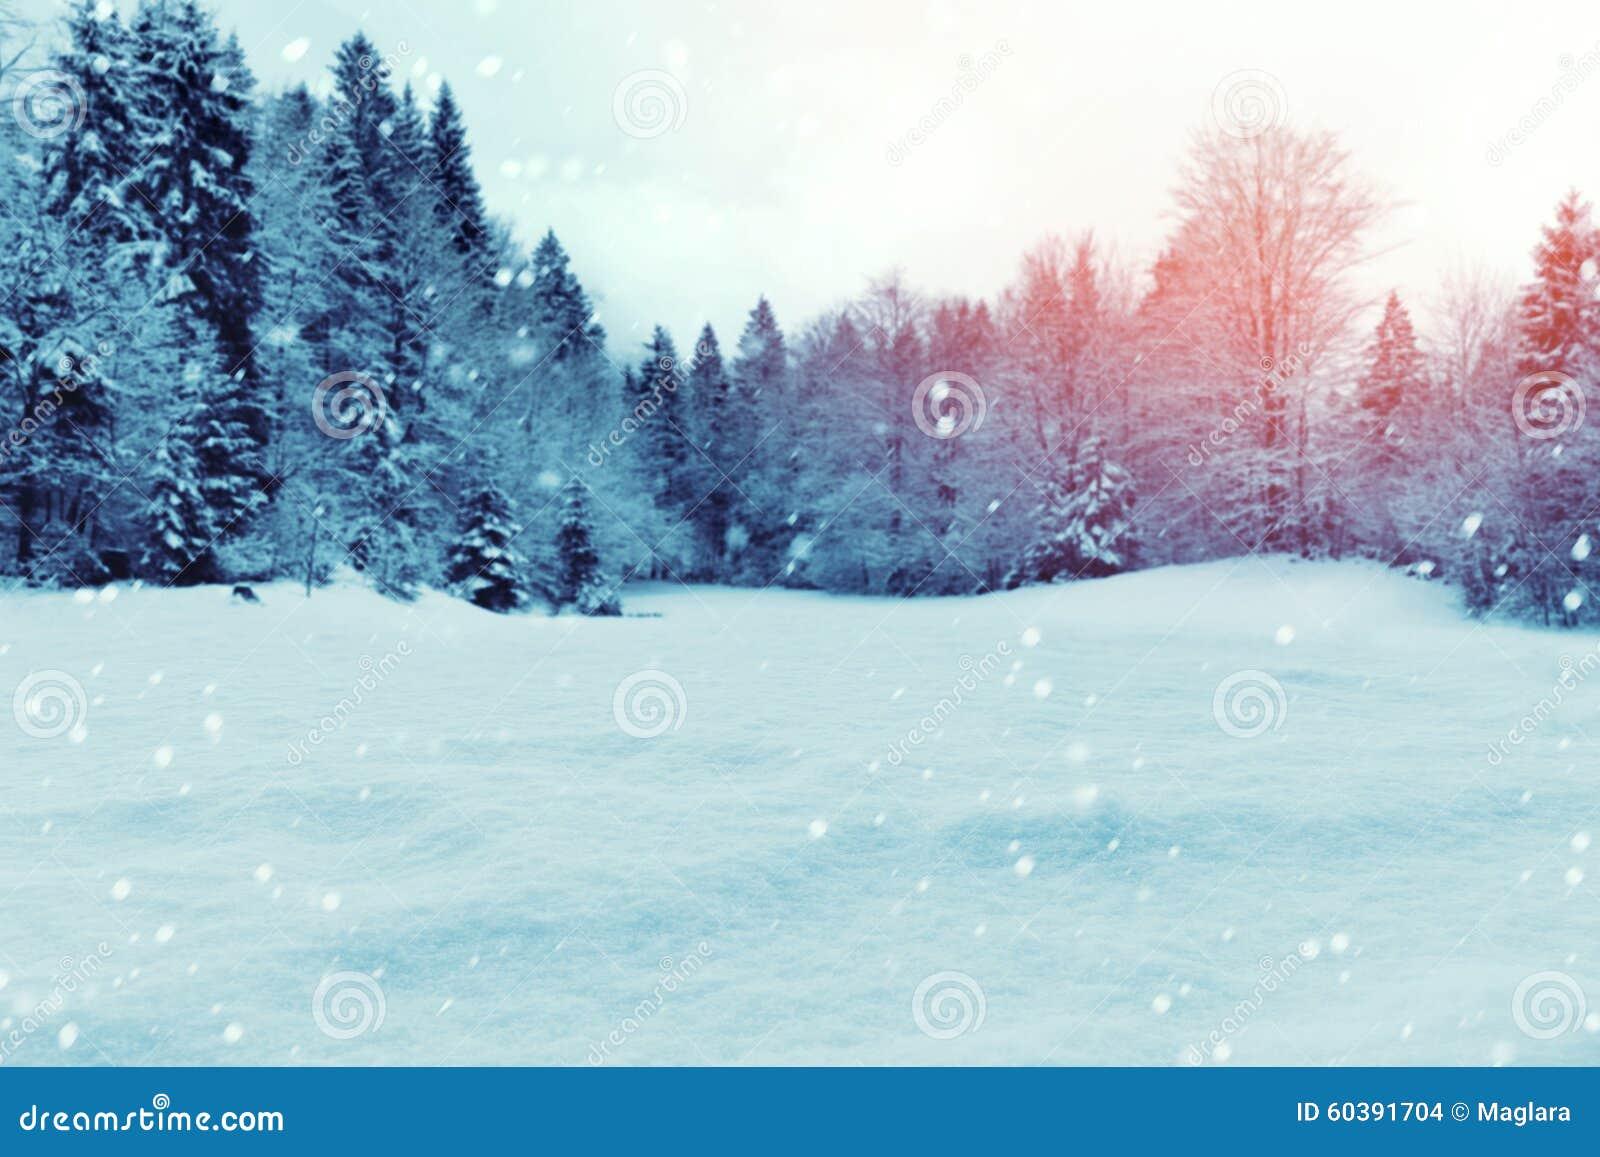 Julvinterbakgrund med snö och träd